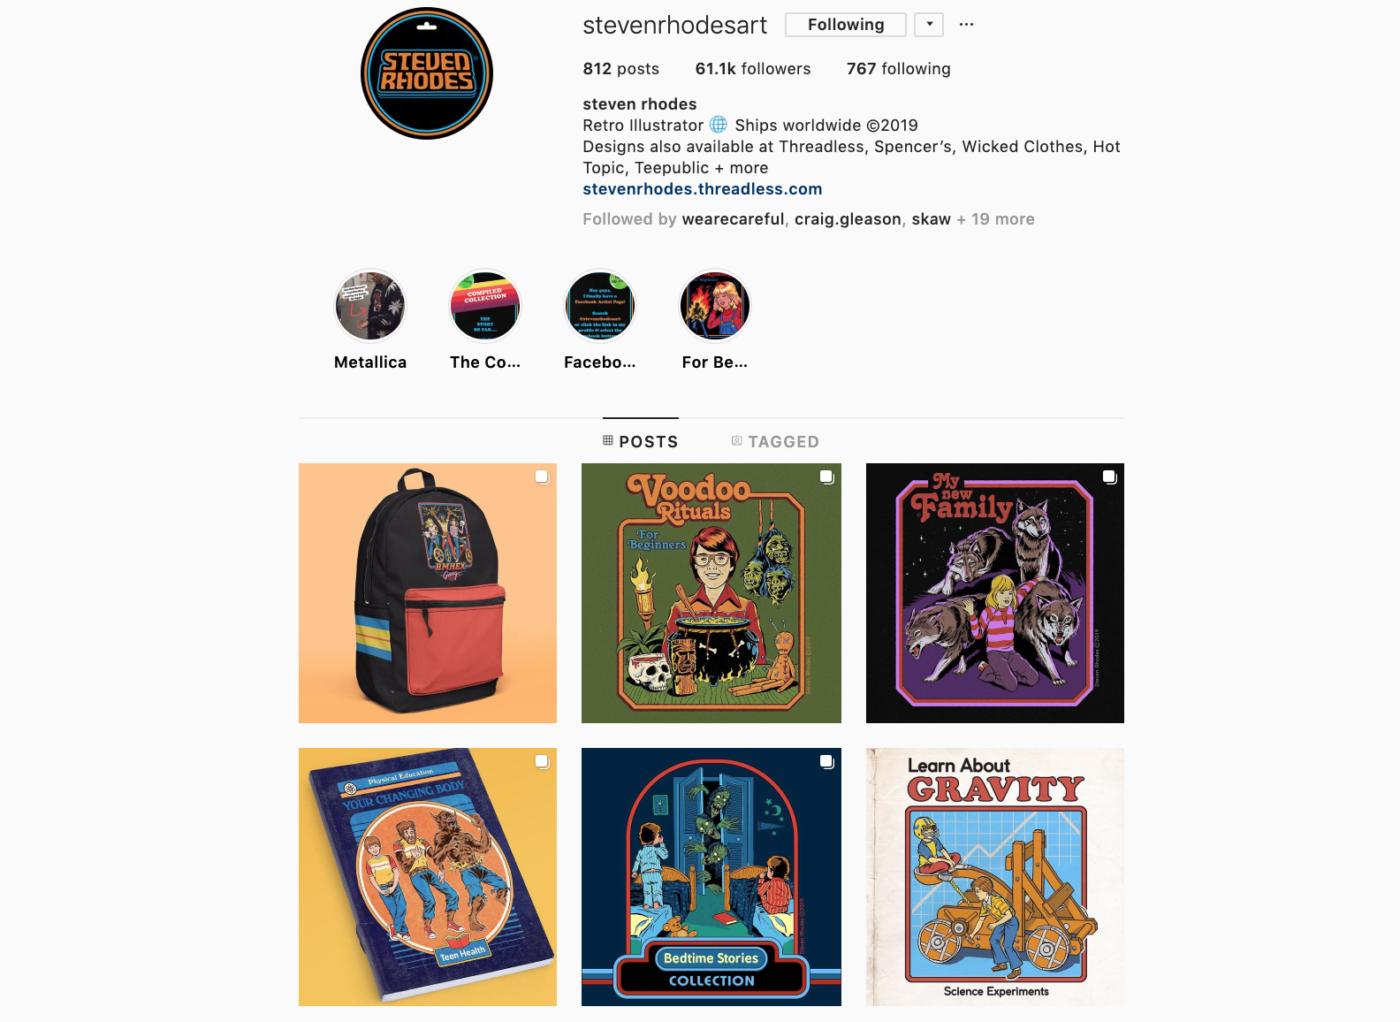 Steven Rhodes' Instagram